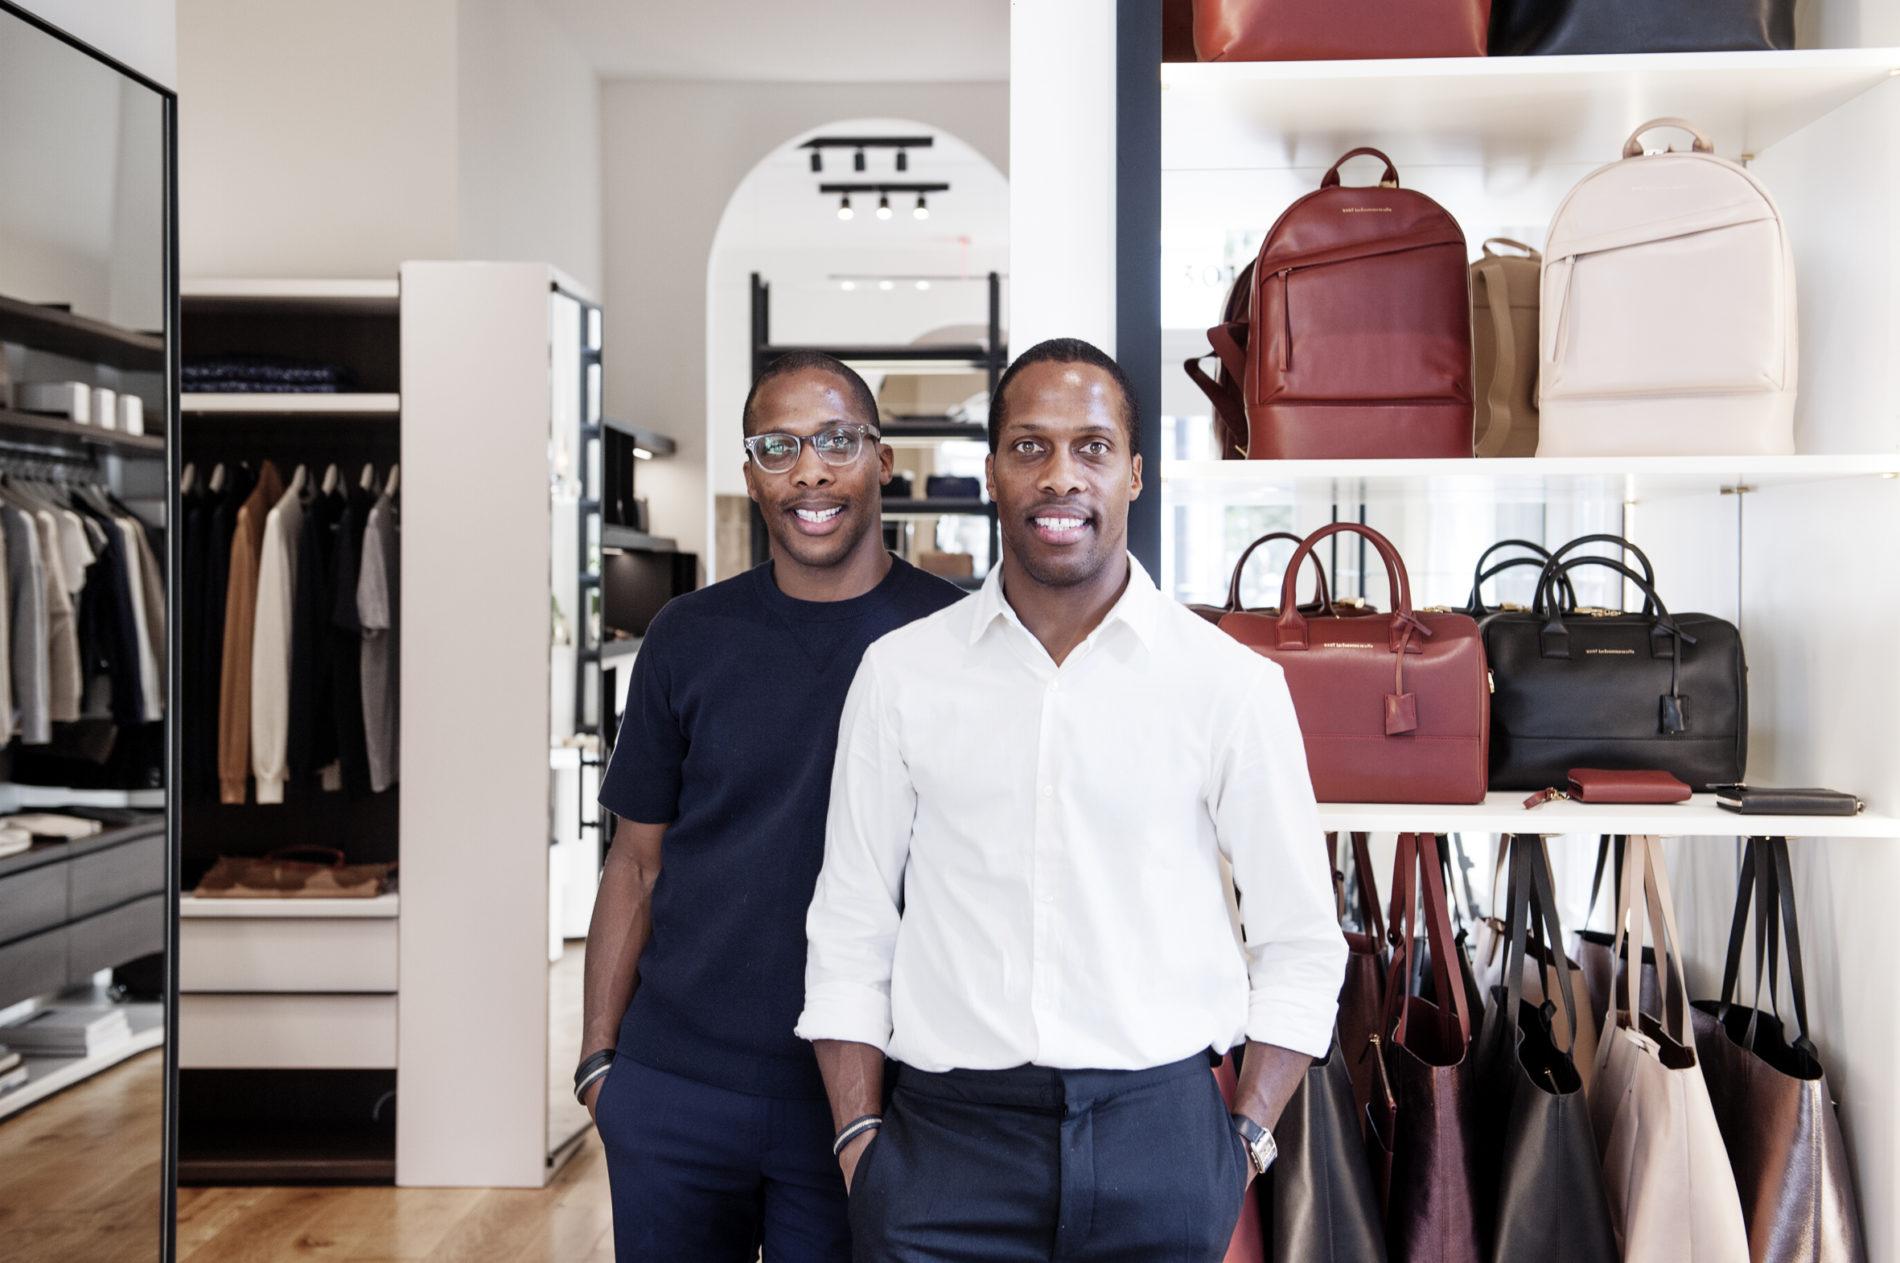 Want Les Essentiels abre primera Boutique de EE.UU.